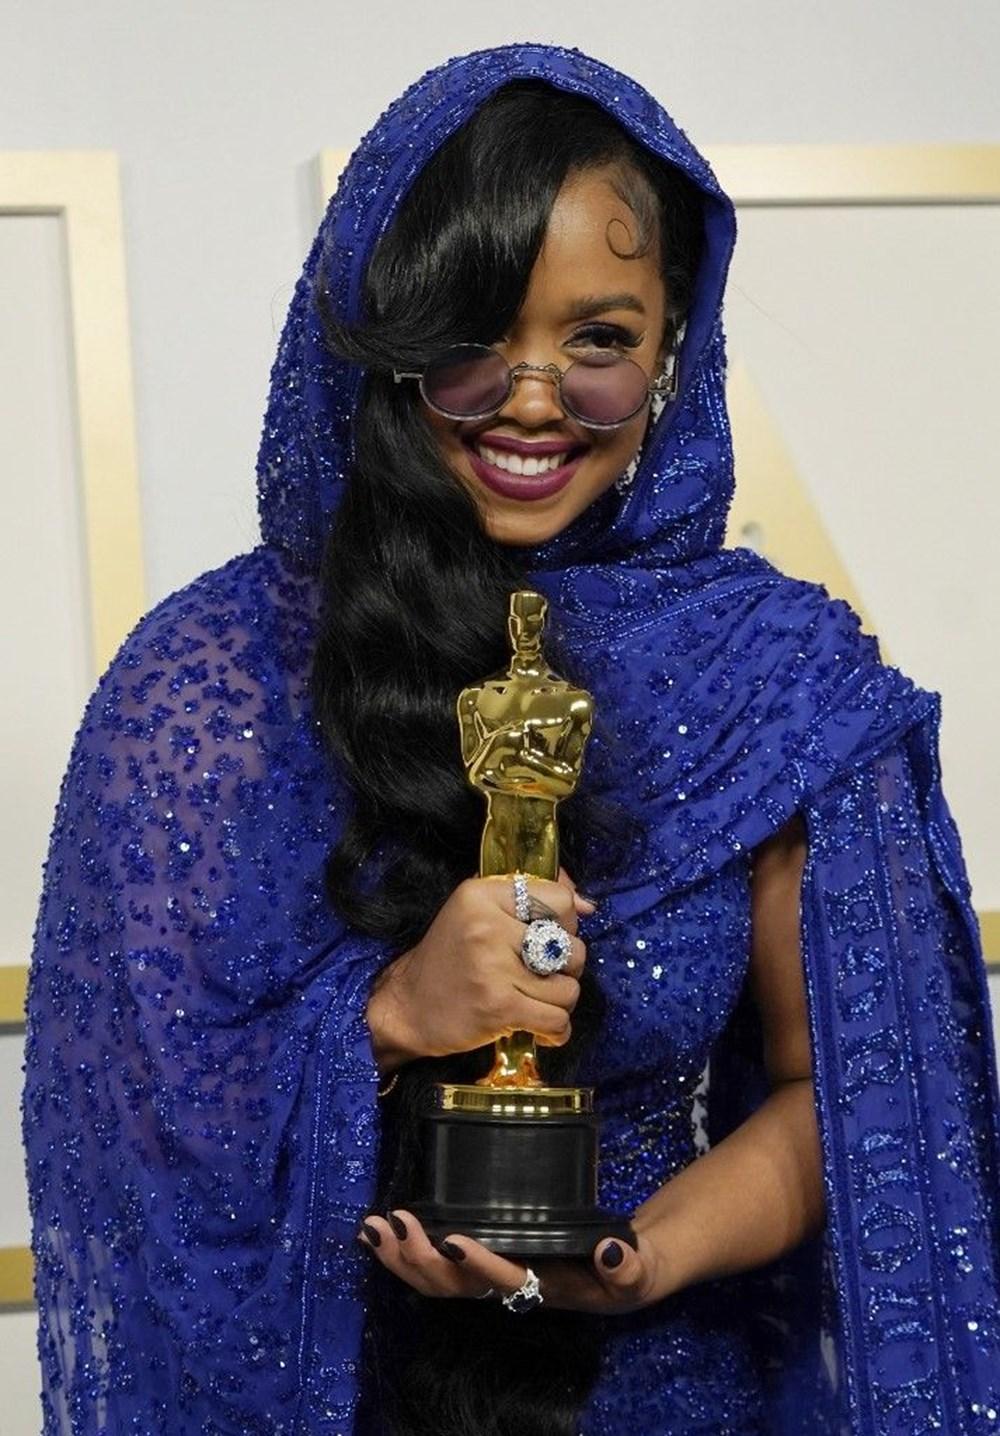 93. Oscar Ödülleri'ni kazananlar belli oldu (2021 Oscar Ödülleri'nin tam listesi) - 20